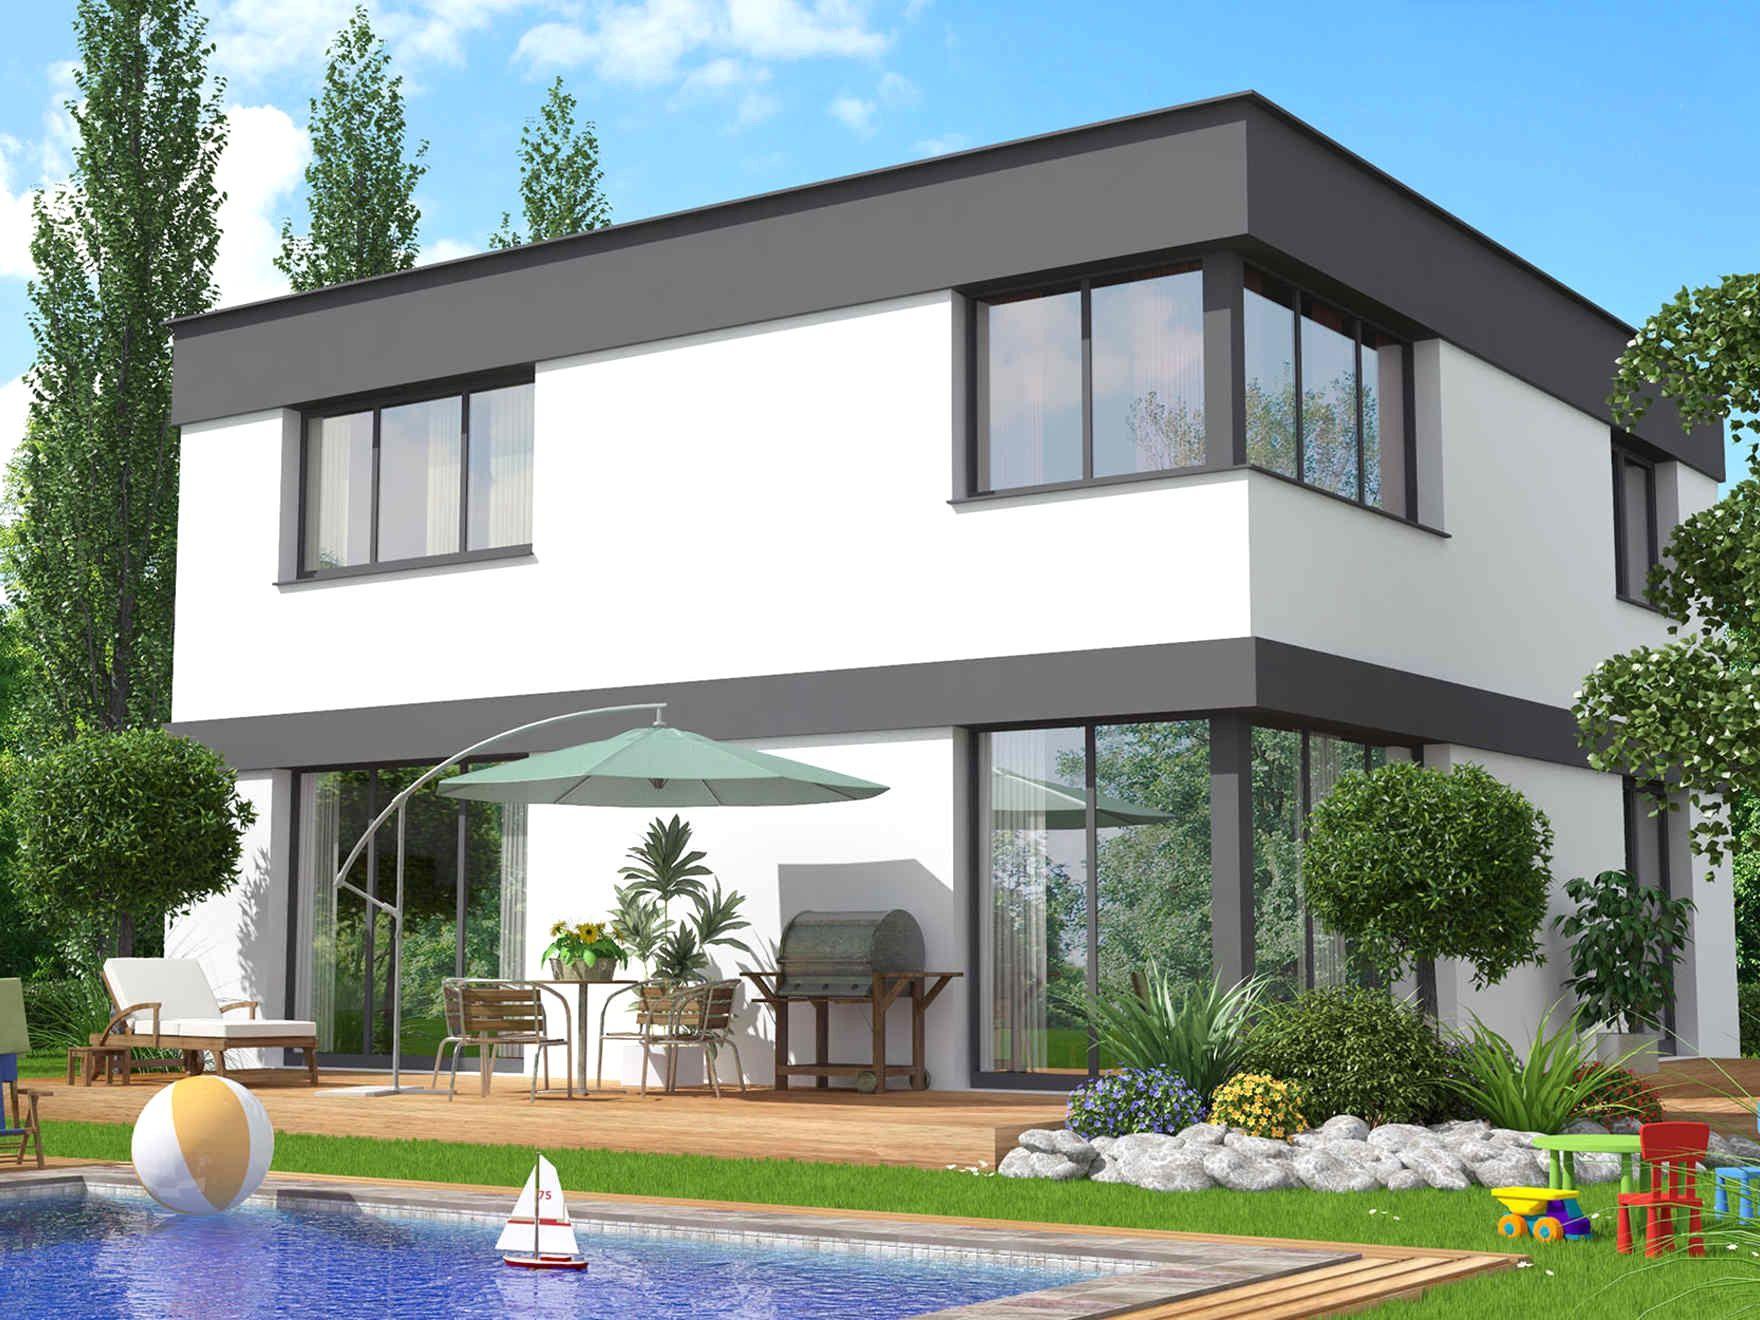 Nett Haus Modern Bilder - Schönes Wohnungideen - getpaidteam.info